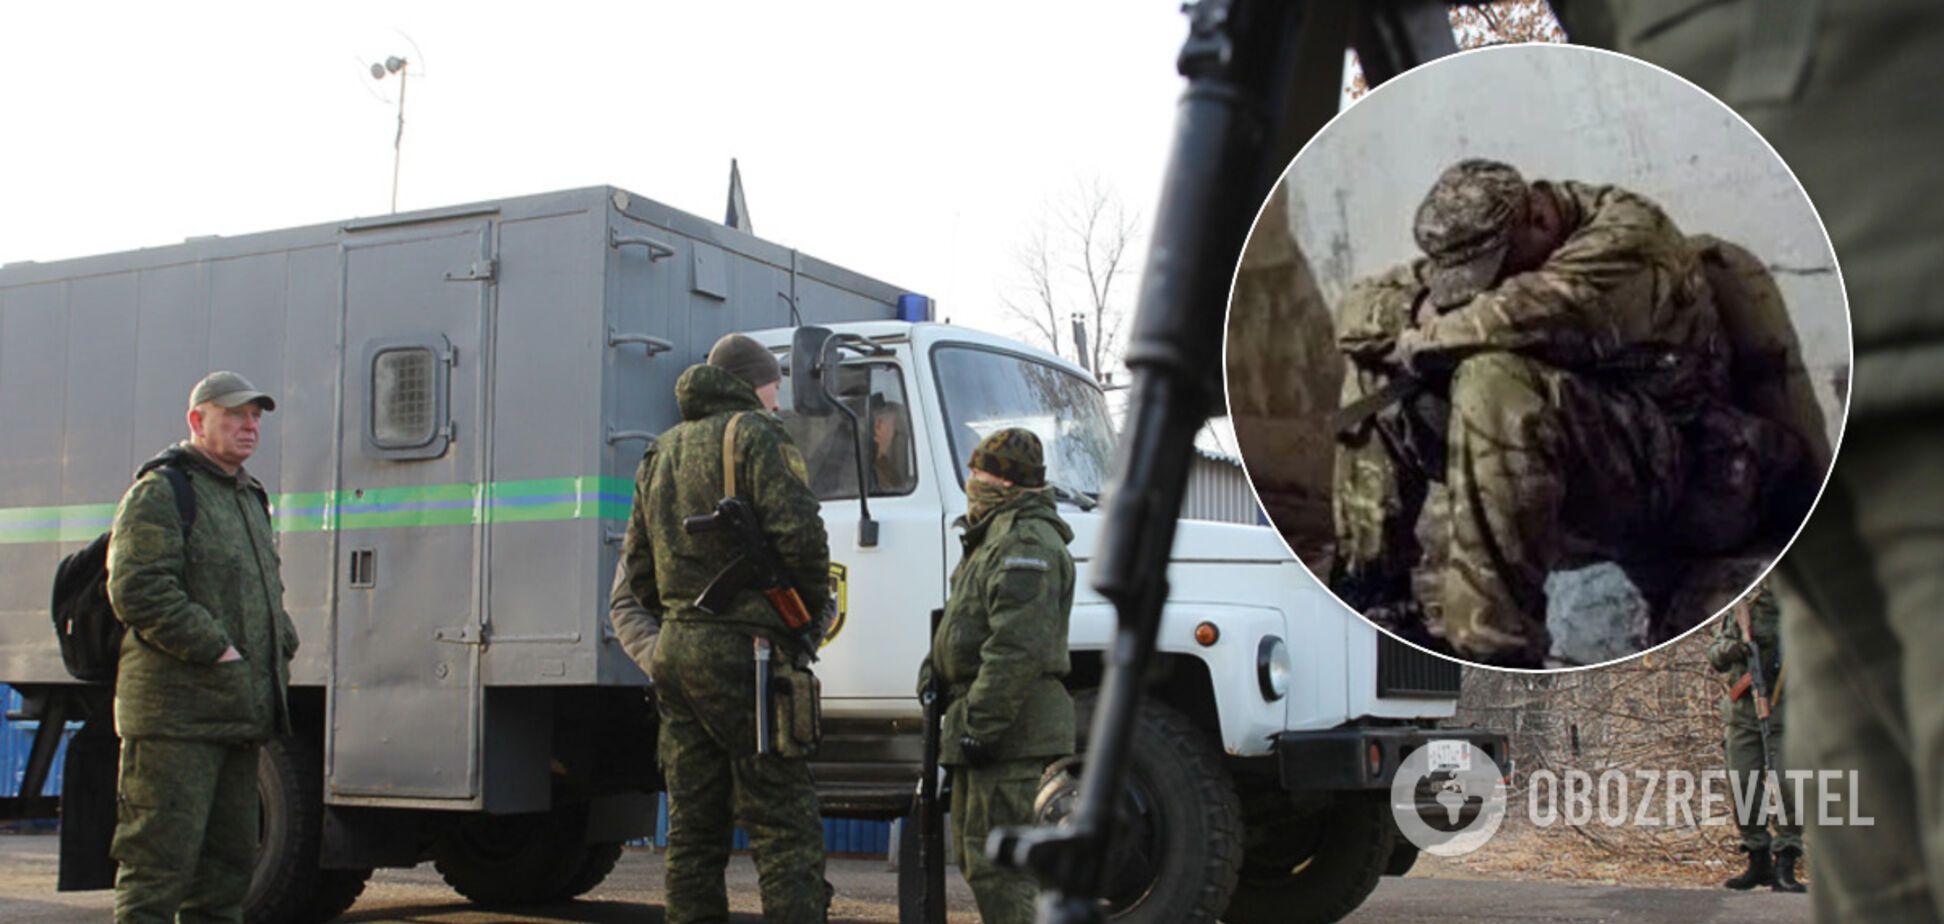 Украинец Синченко бежал из плена 'ДНР': мать рассказала о пытках и угрозах